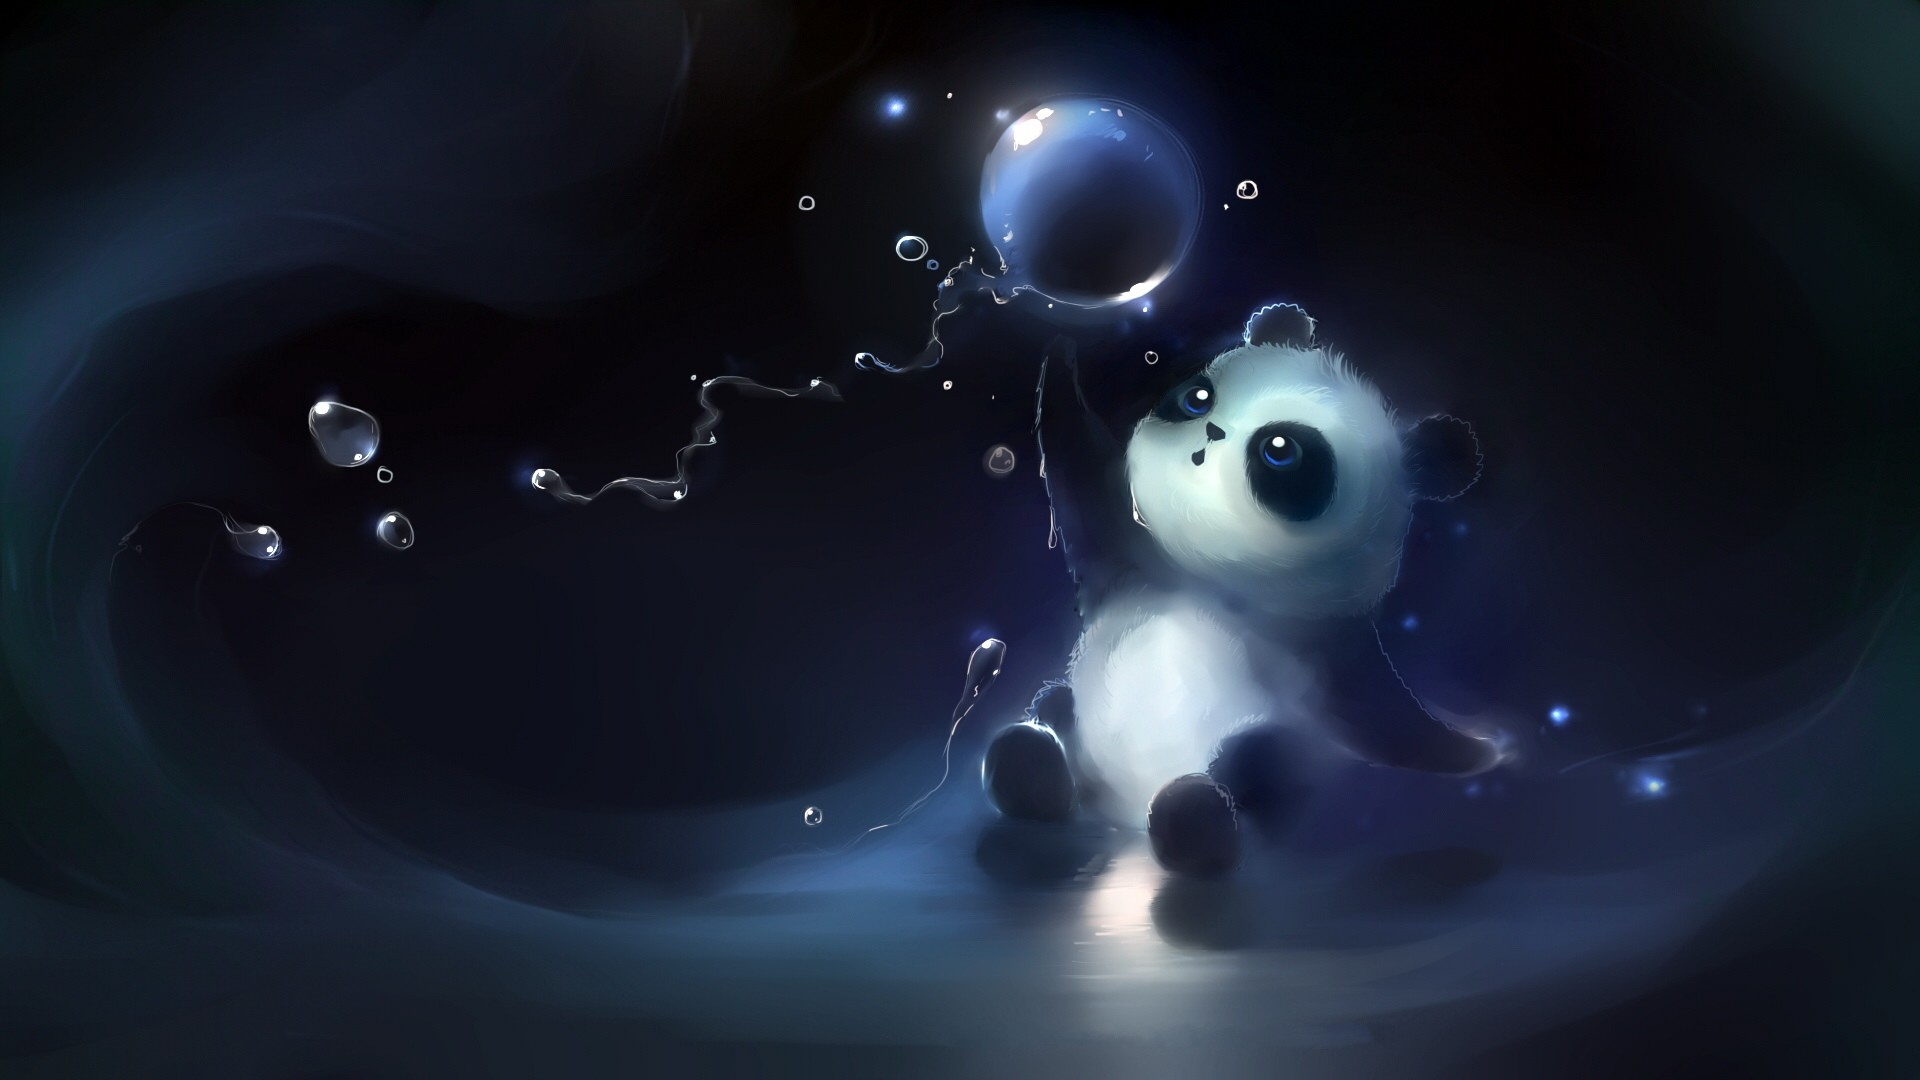 Cute Panda Wallpapers – Wallpaper Cave